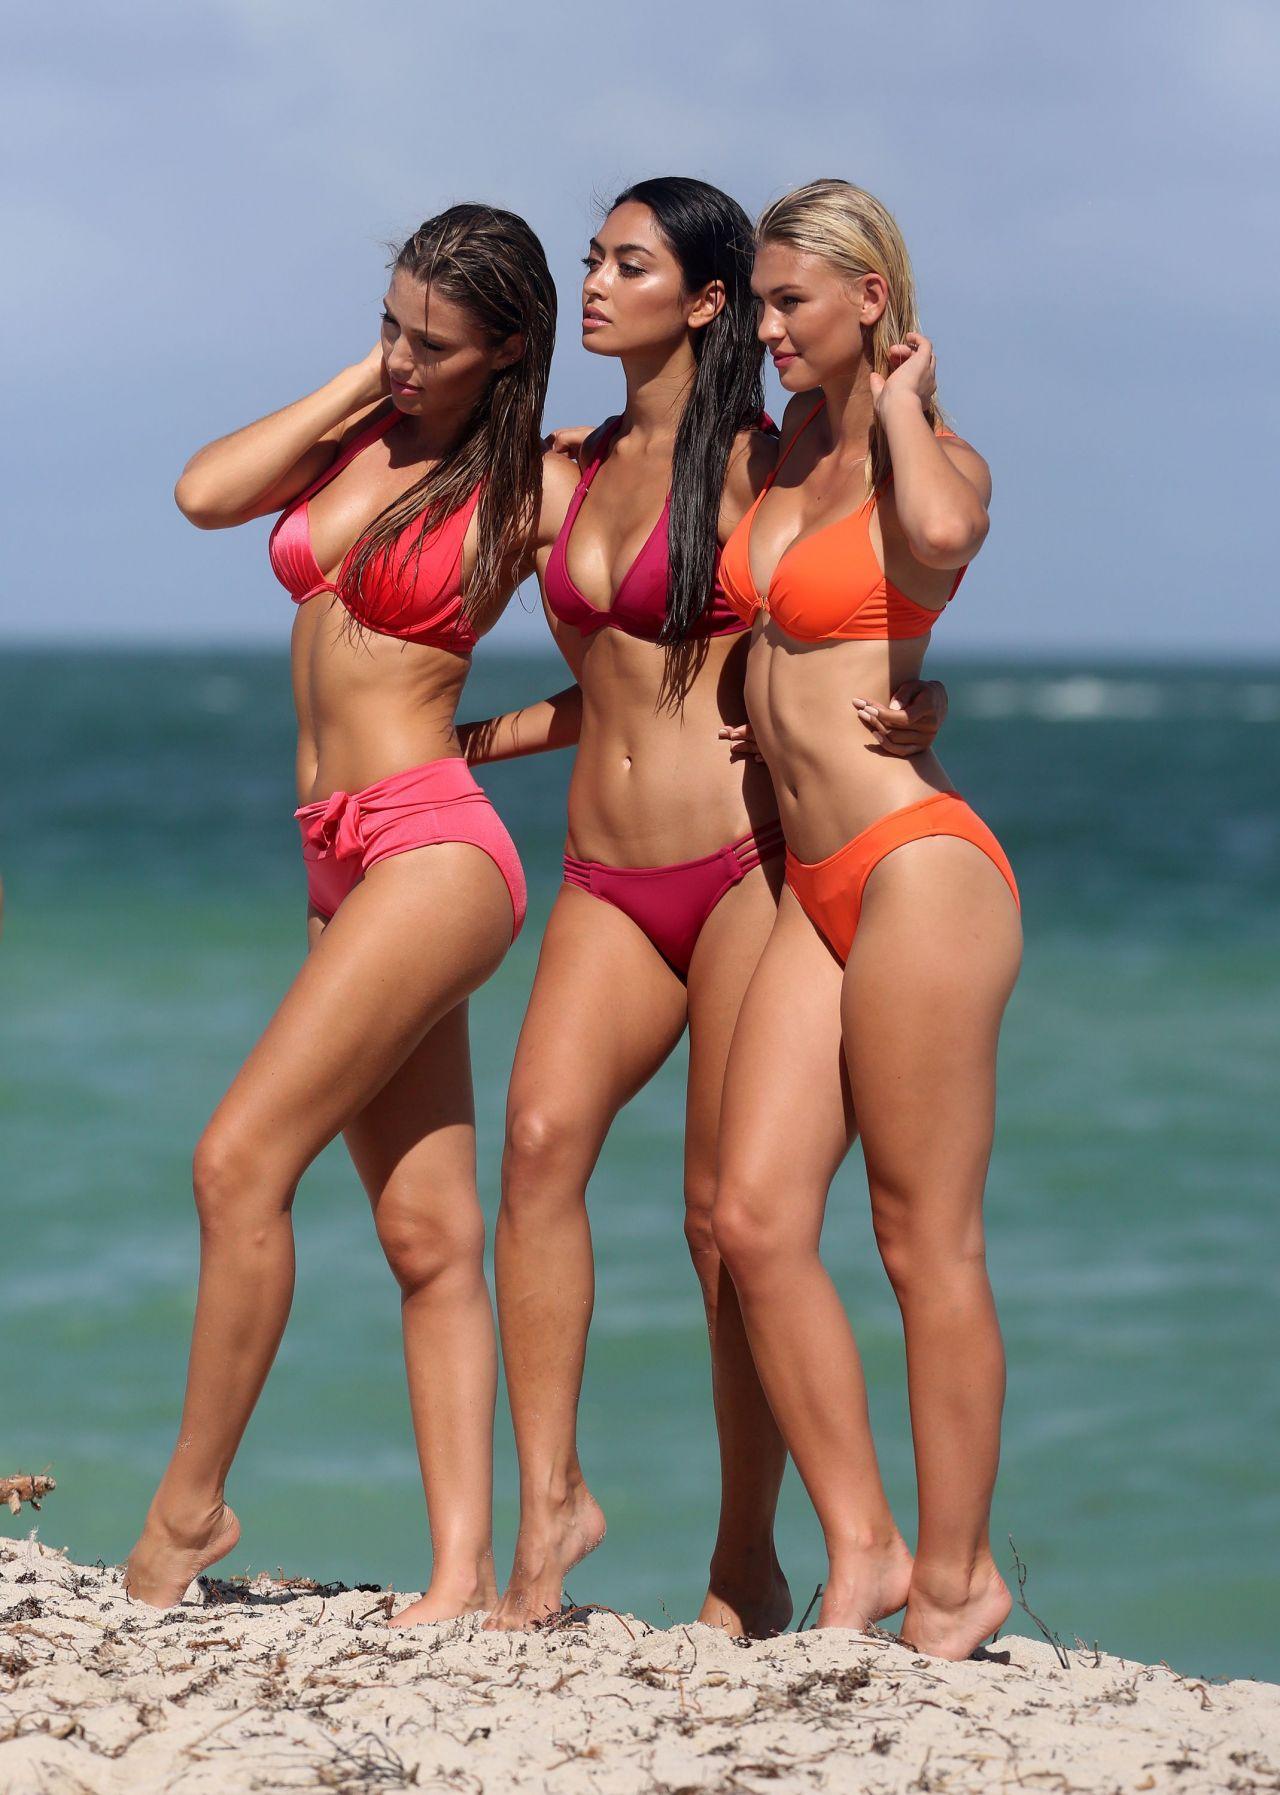 Ambra Battilana Poses in a Bikini on Miami Beach 10/09/2017